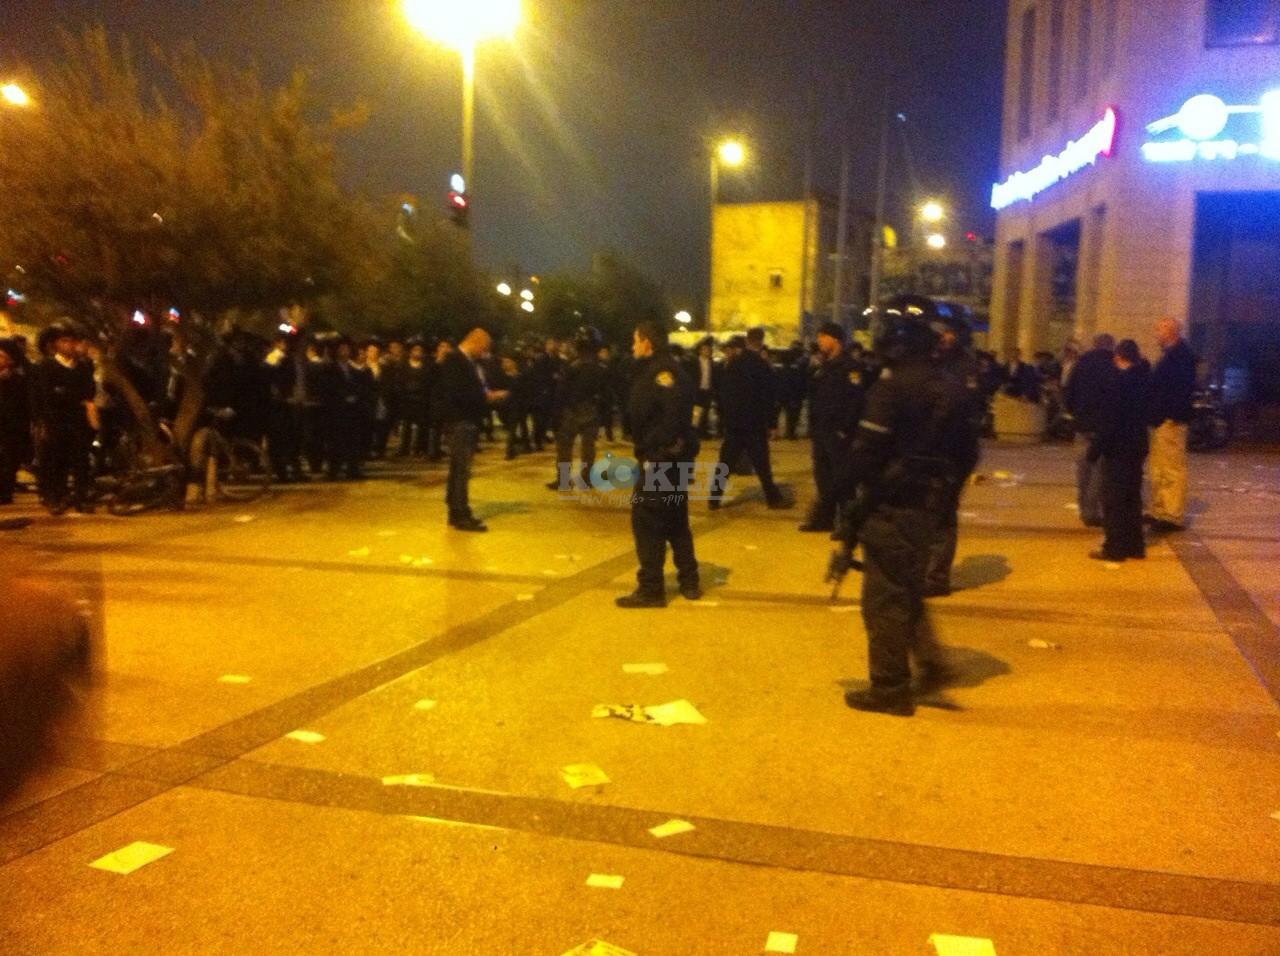 הפגנה נגד אמנון יצחק צילם חיים פביאן - סוכנות הידיעות חדשות 24 (8)